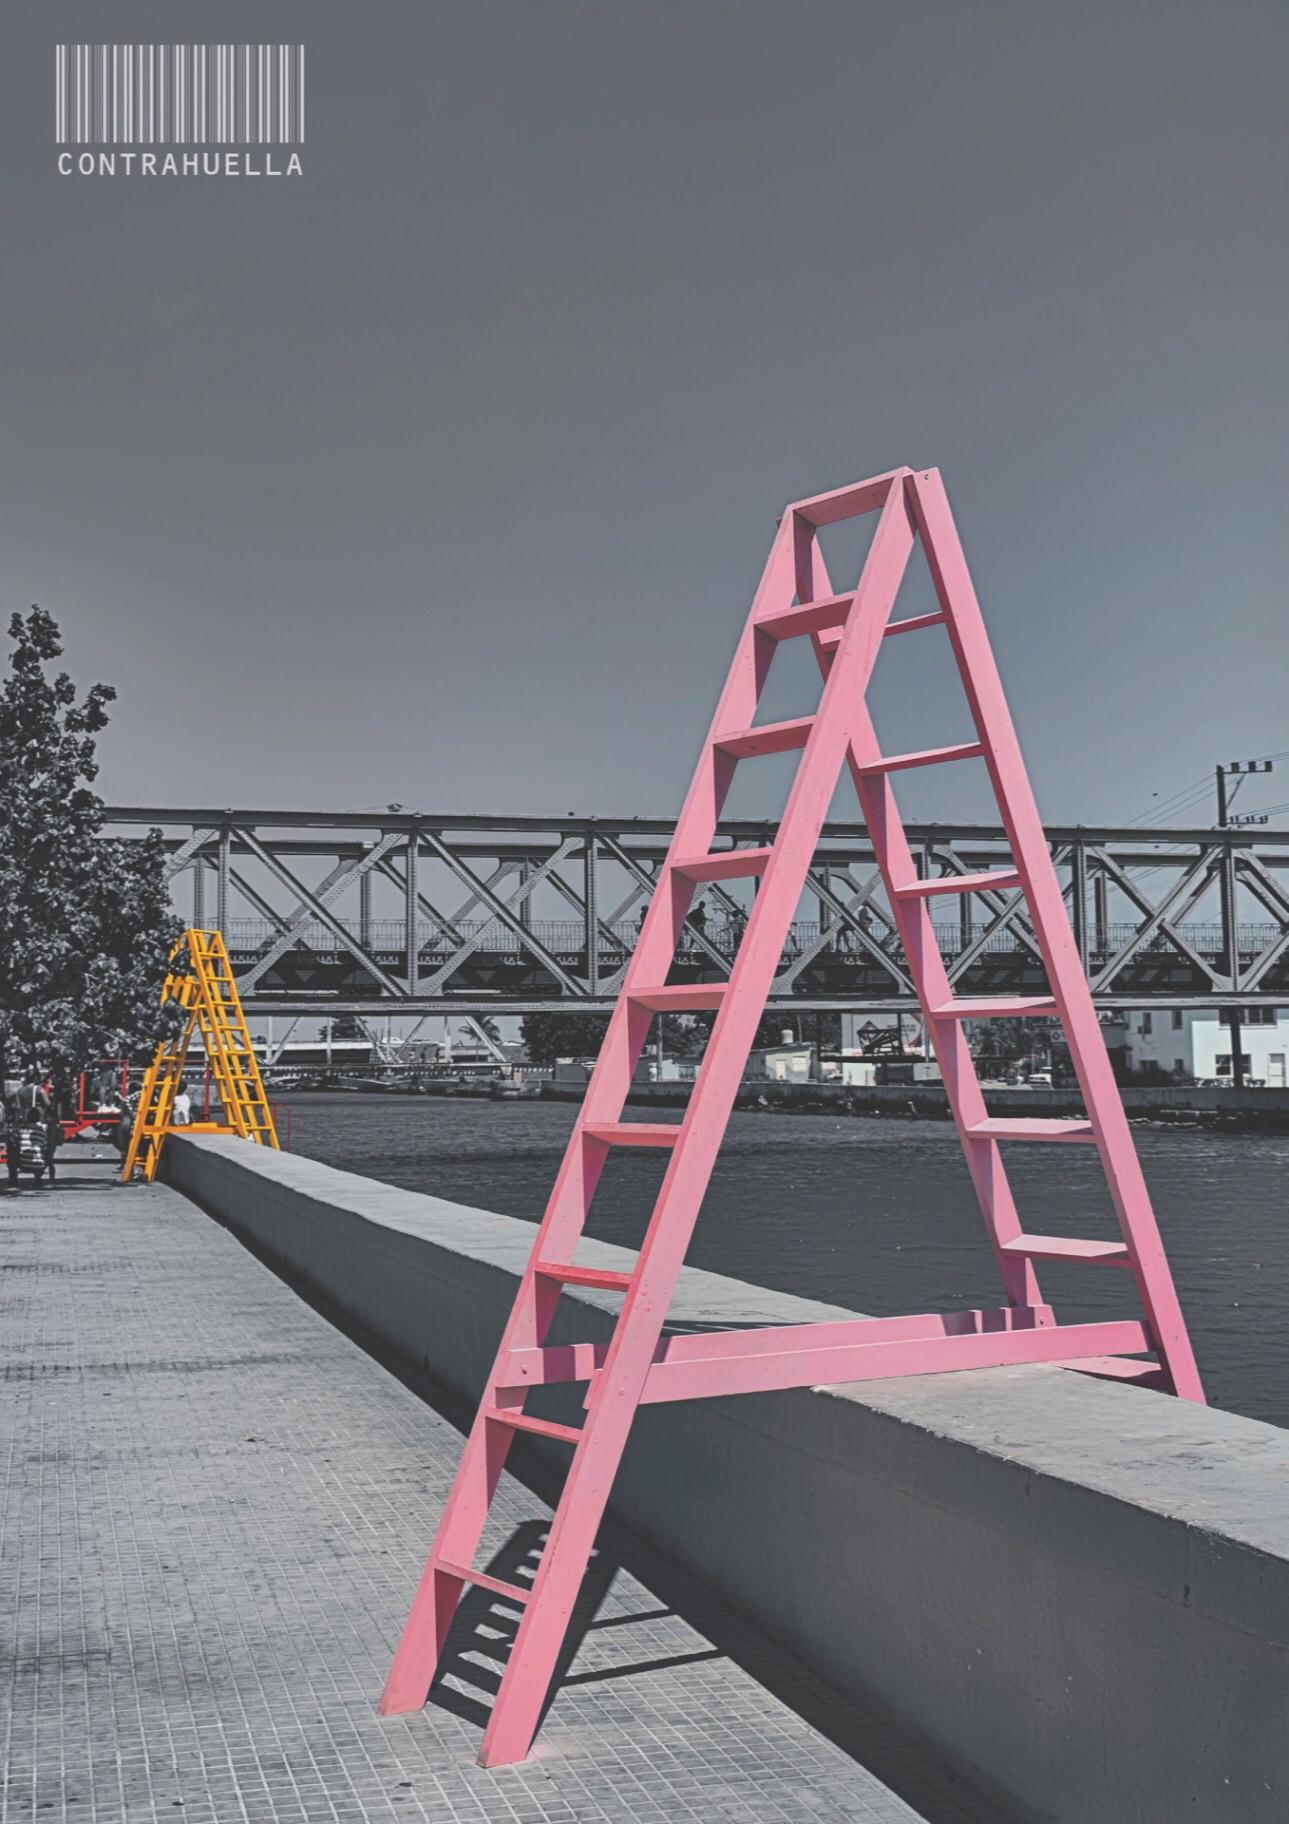 Obra: Instalación Contrahuella XII bienal de La Habana, Ríos Intermitentes